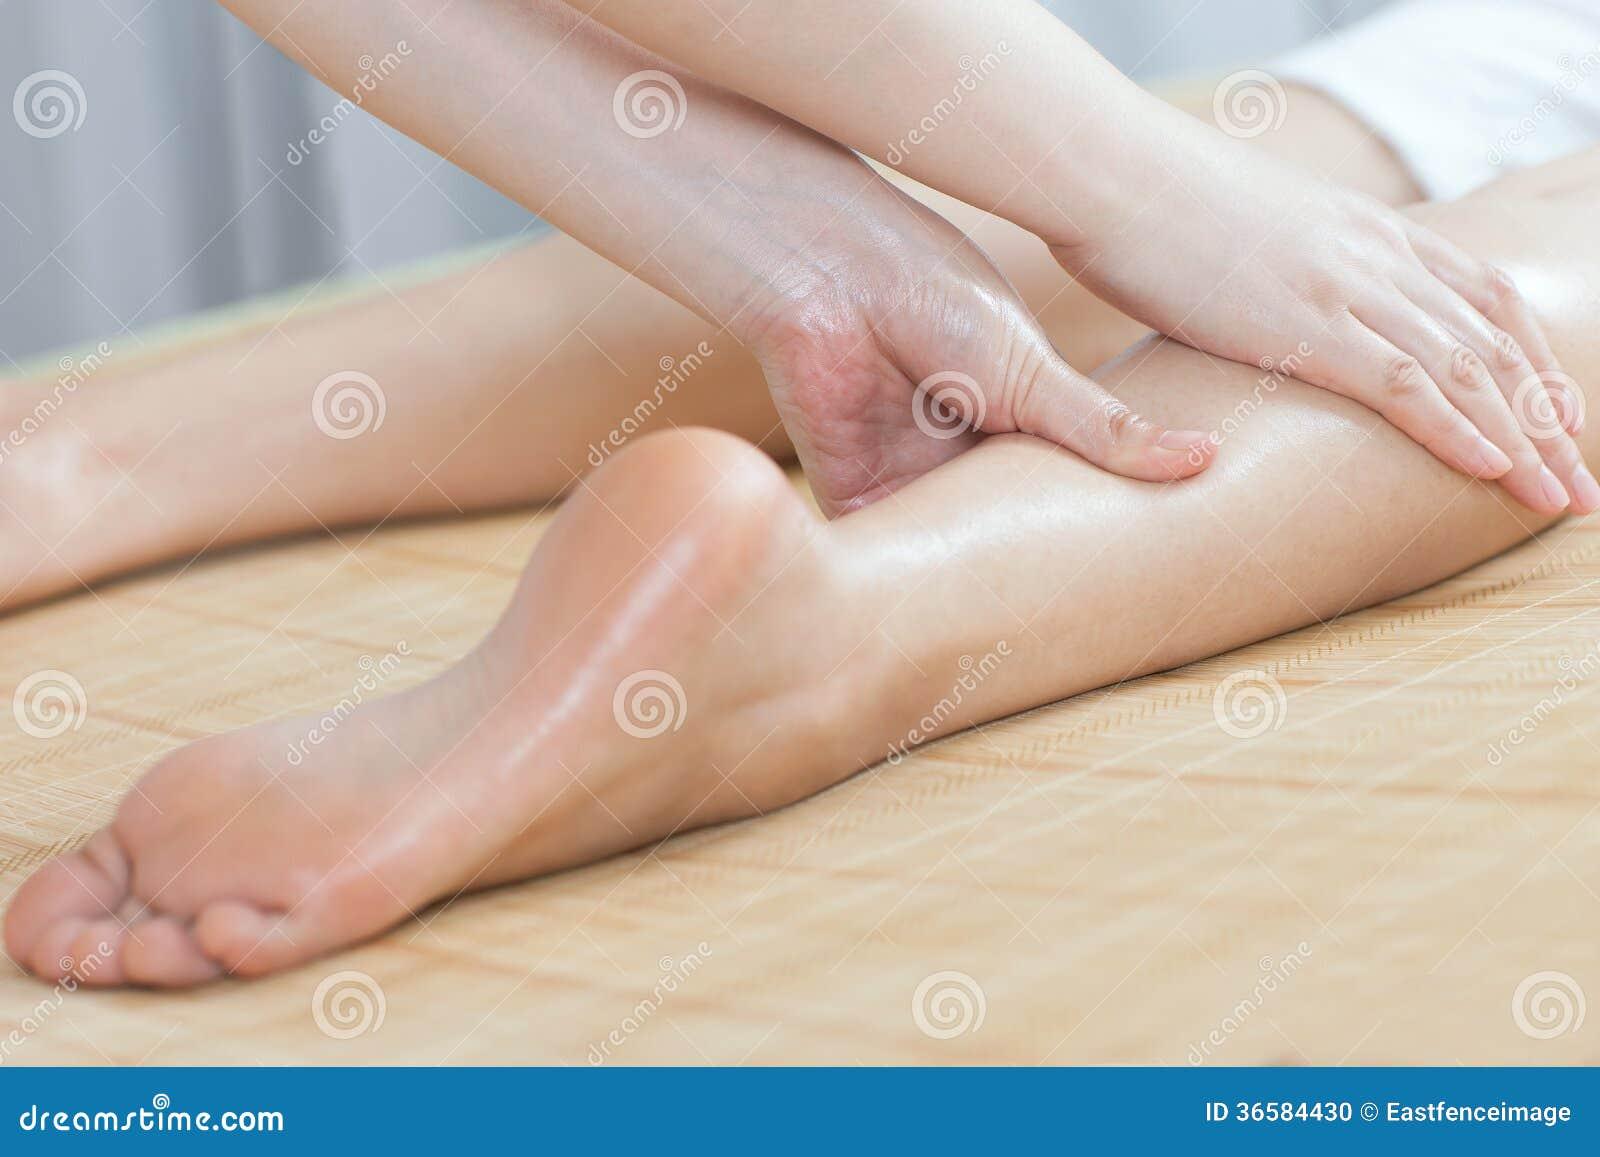 massage sexy lady oslo massage